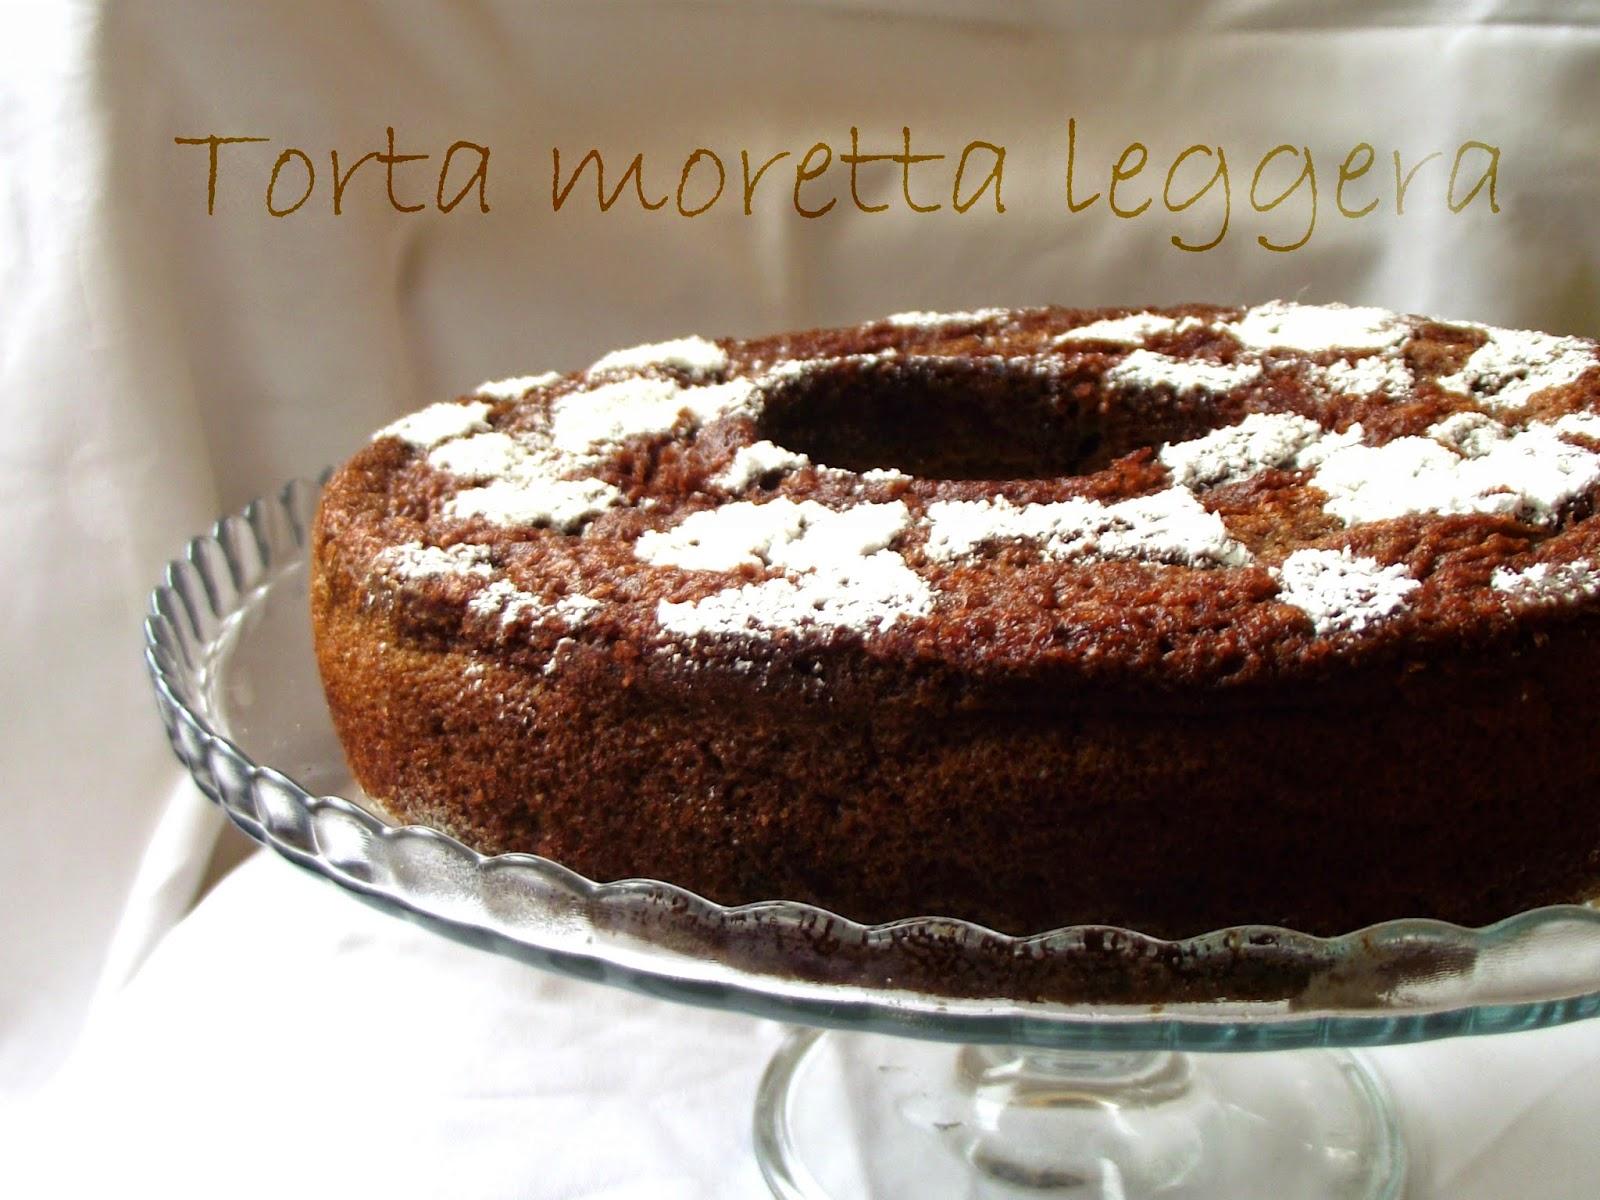 la torta moretta leggera e le fiabe a modo mio